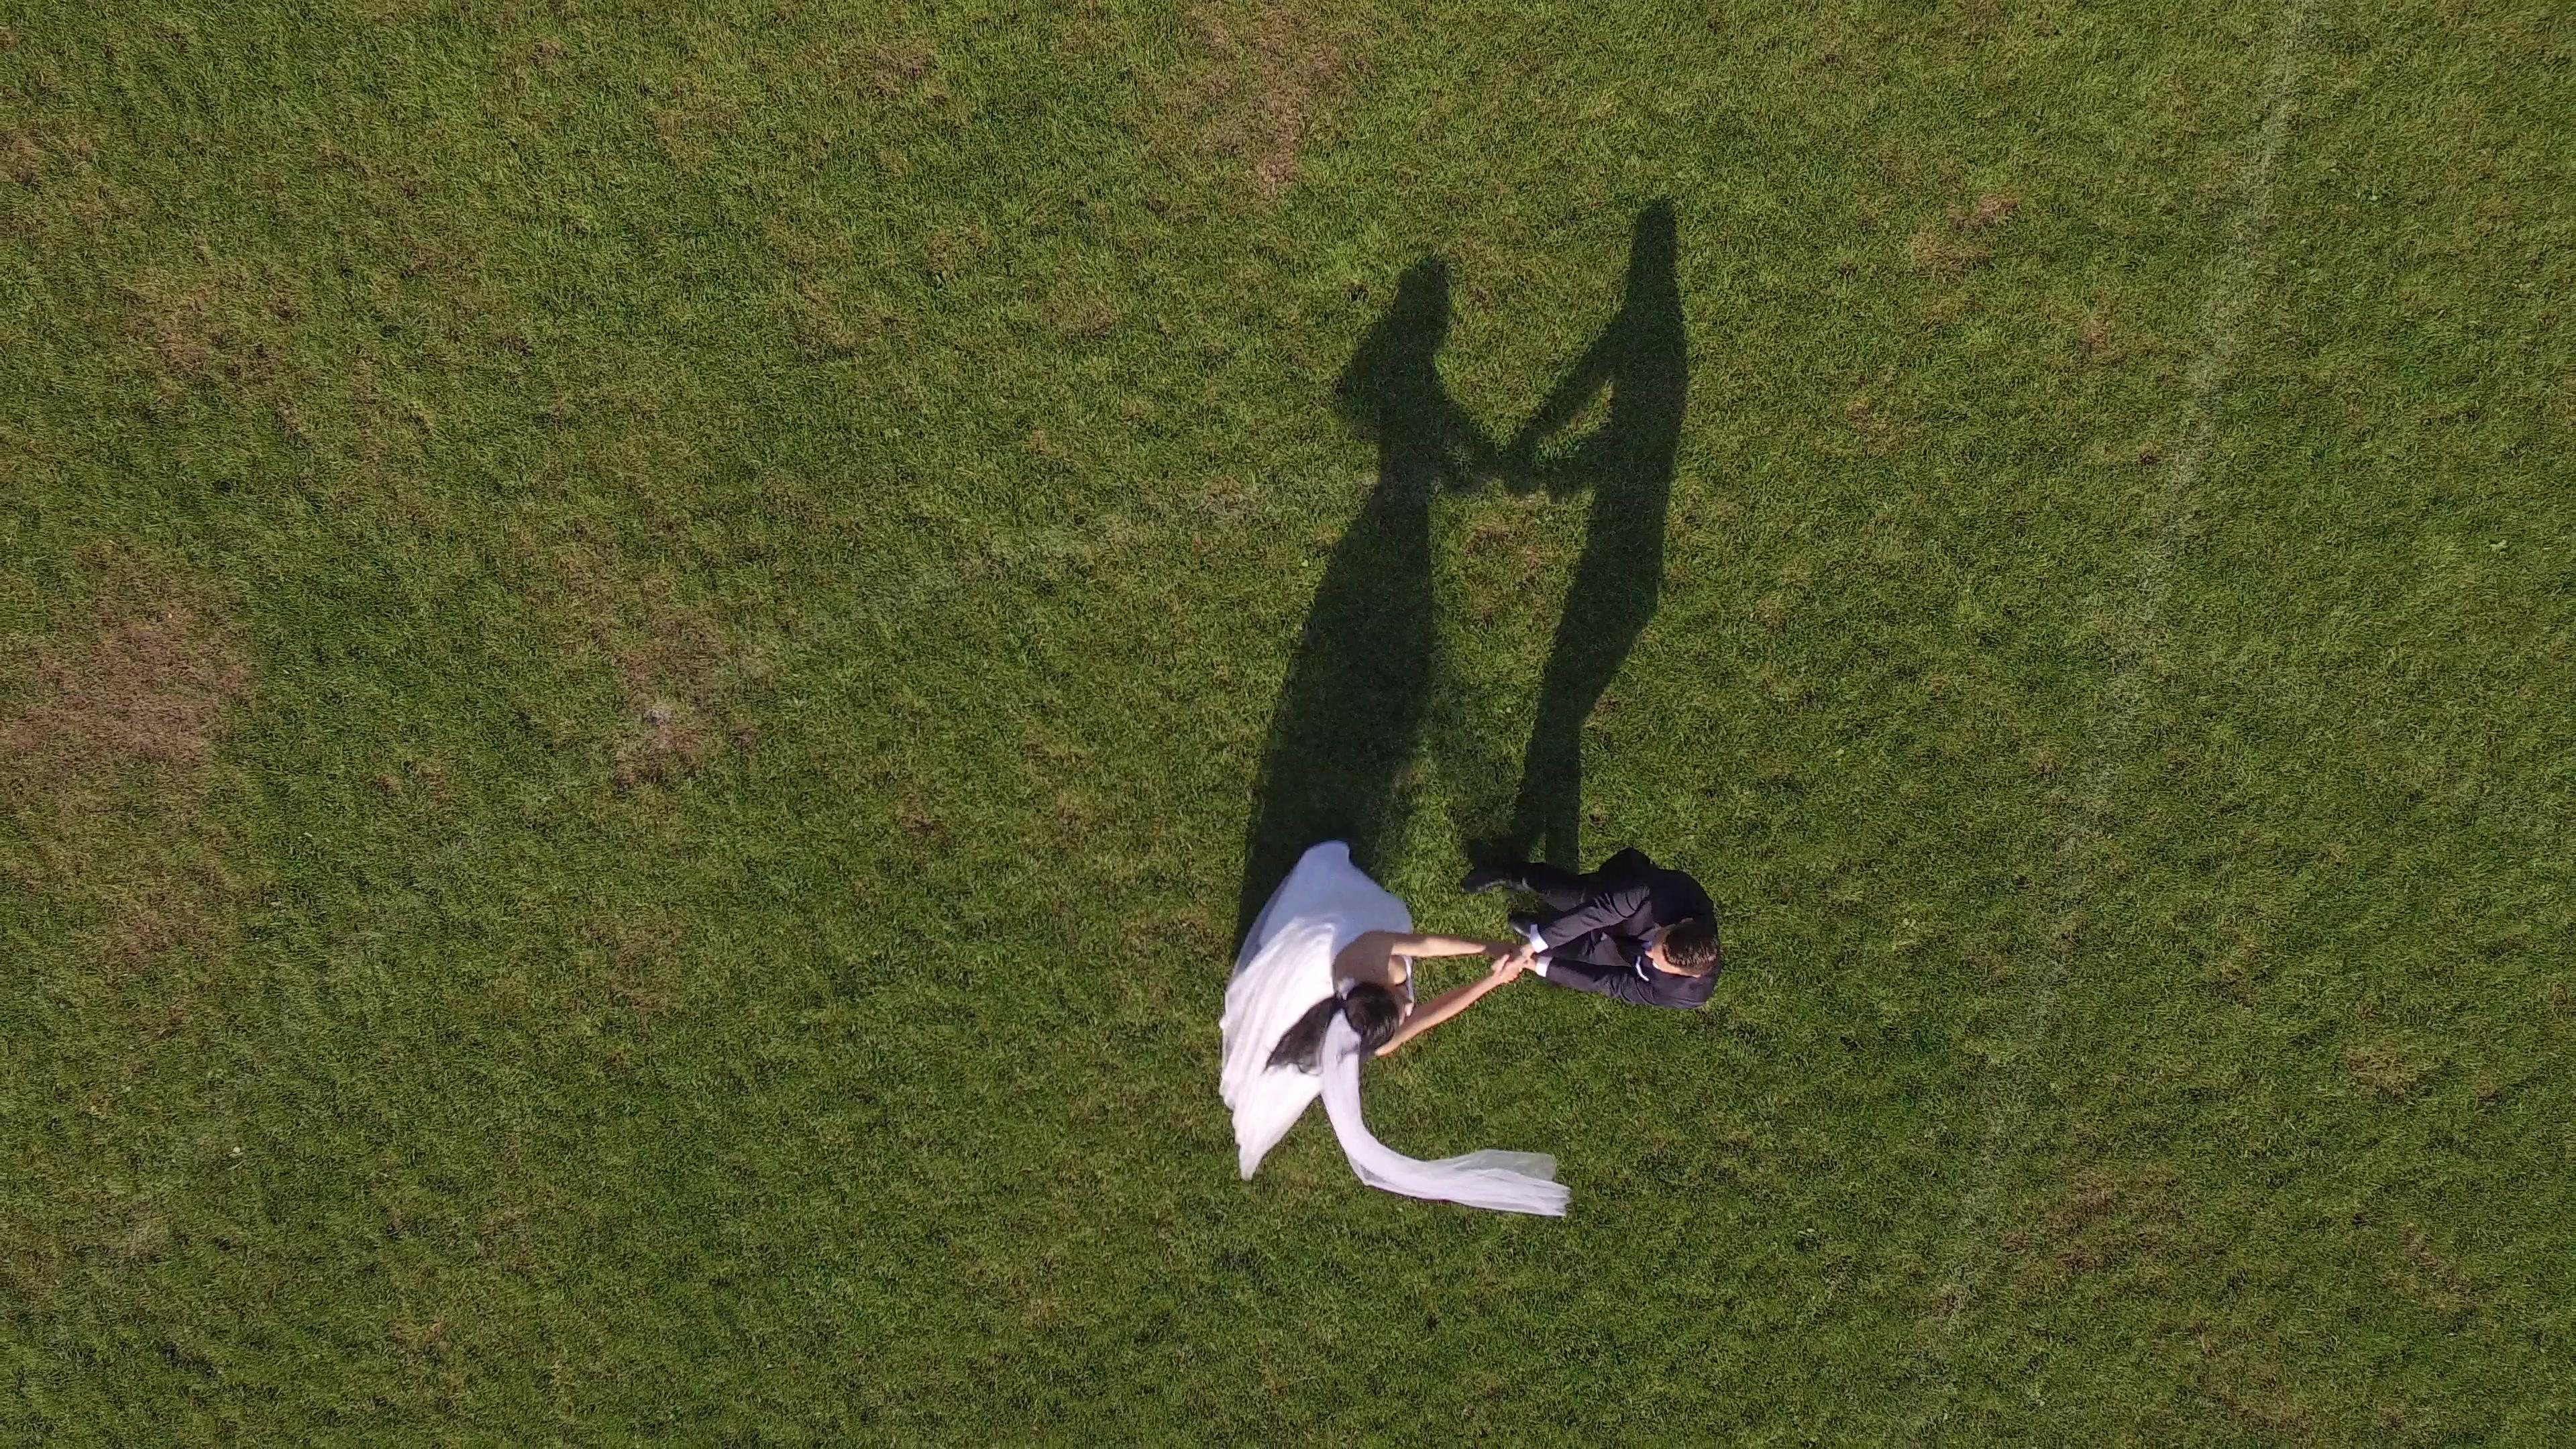 Filmowanie ślubów Z Drona Nowa Moda I Atrakcja Dla Gości Air